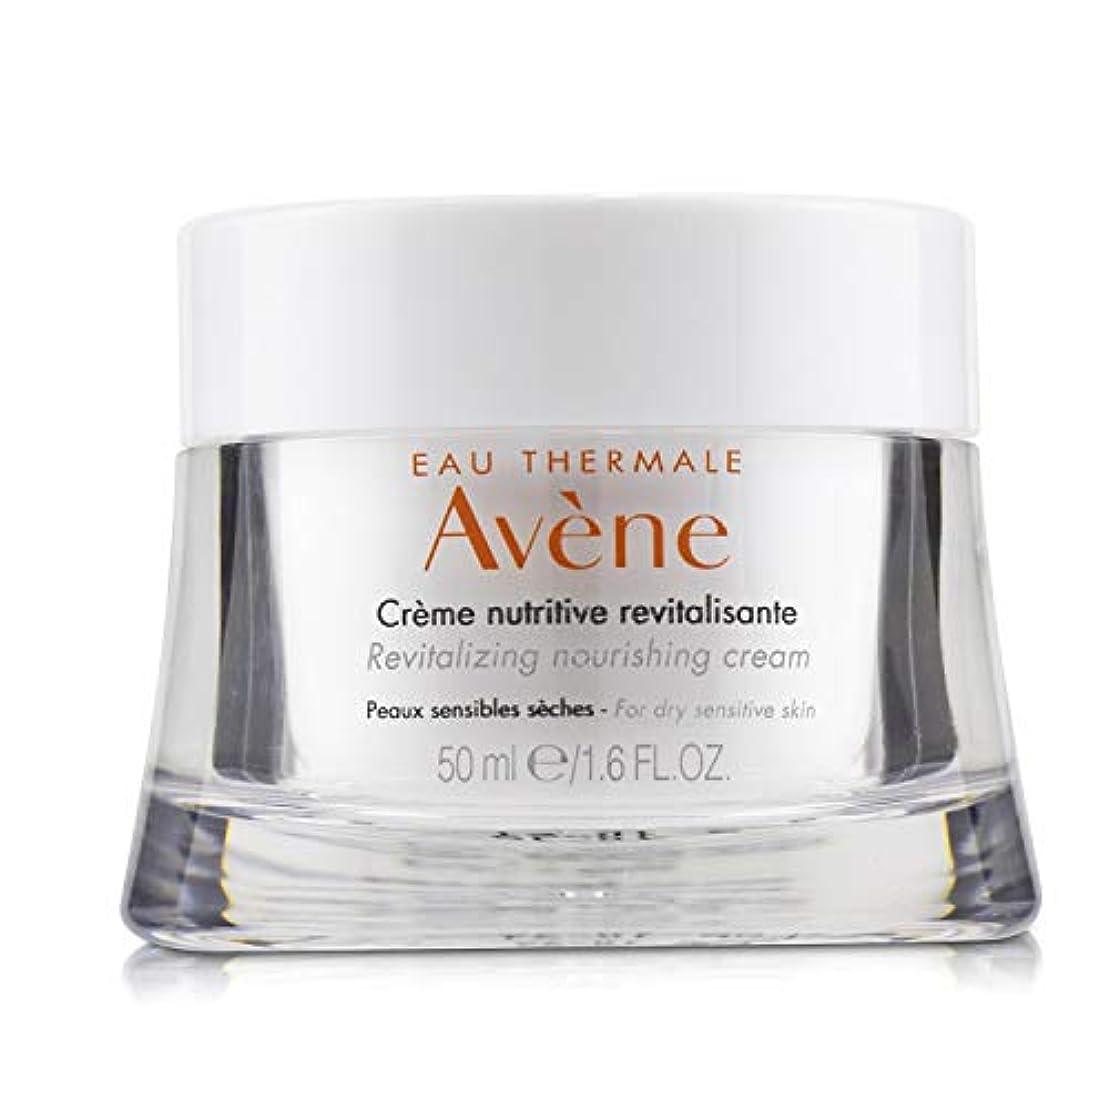 突然連隊付属品アベンヌ Revitalizing Nourishing Cream - For Dry Sensitive Skin 50ml/1.6oz並行輸入品